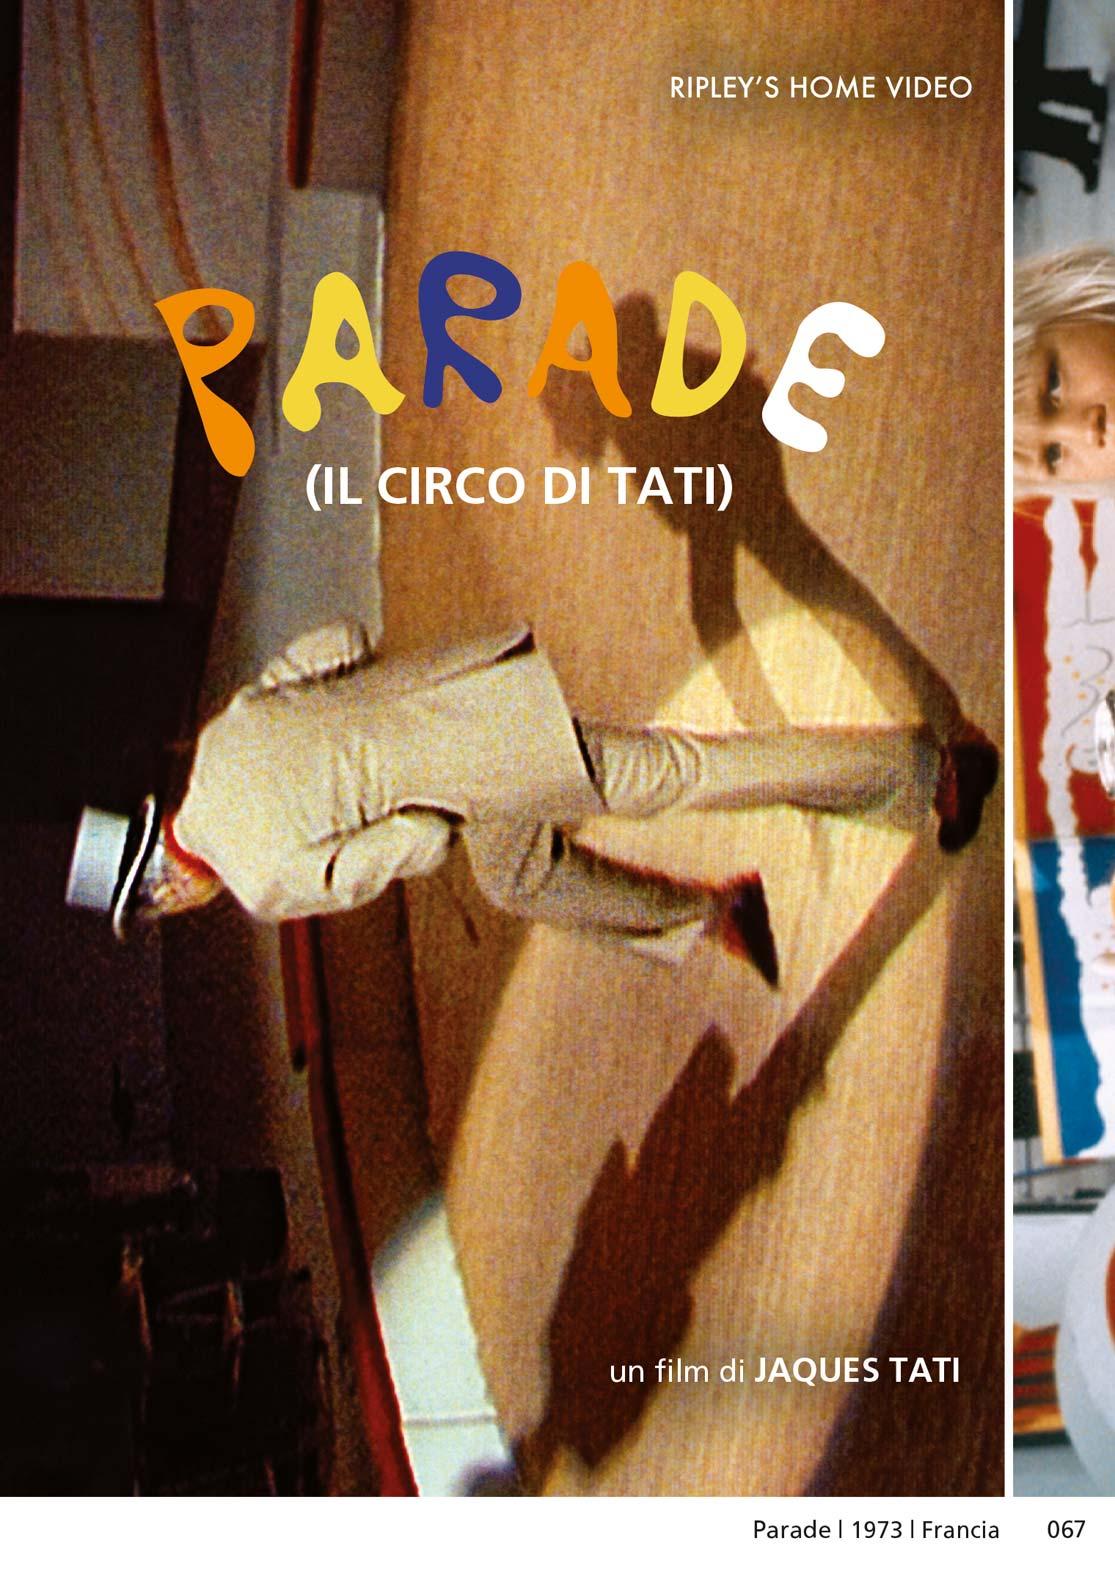 PARADE - IL CIRCO DI TATI (DVD)